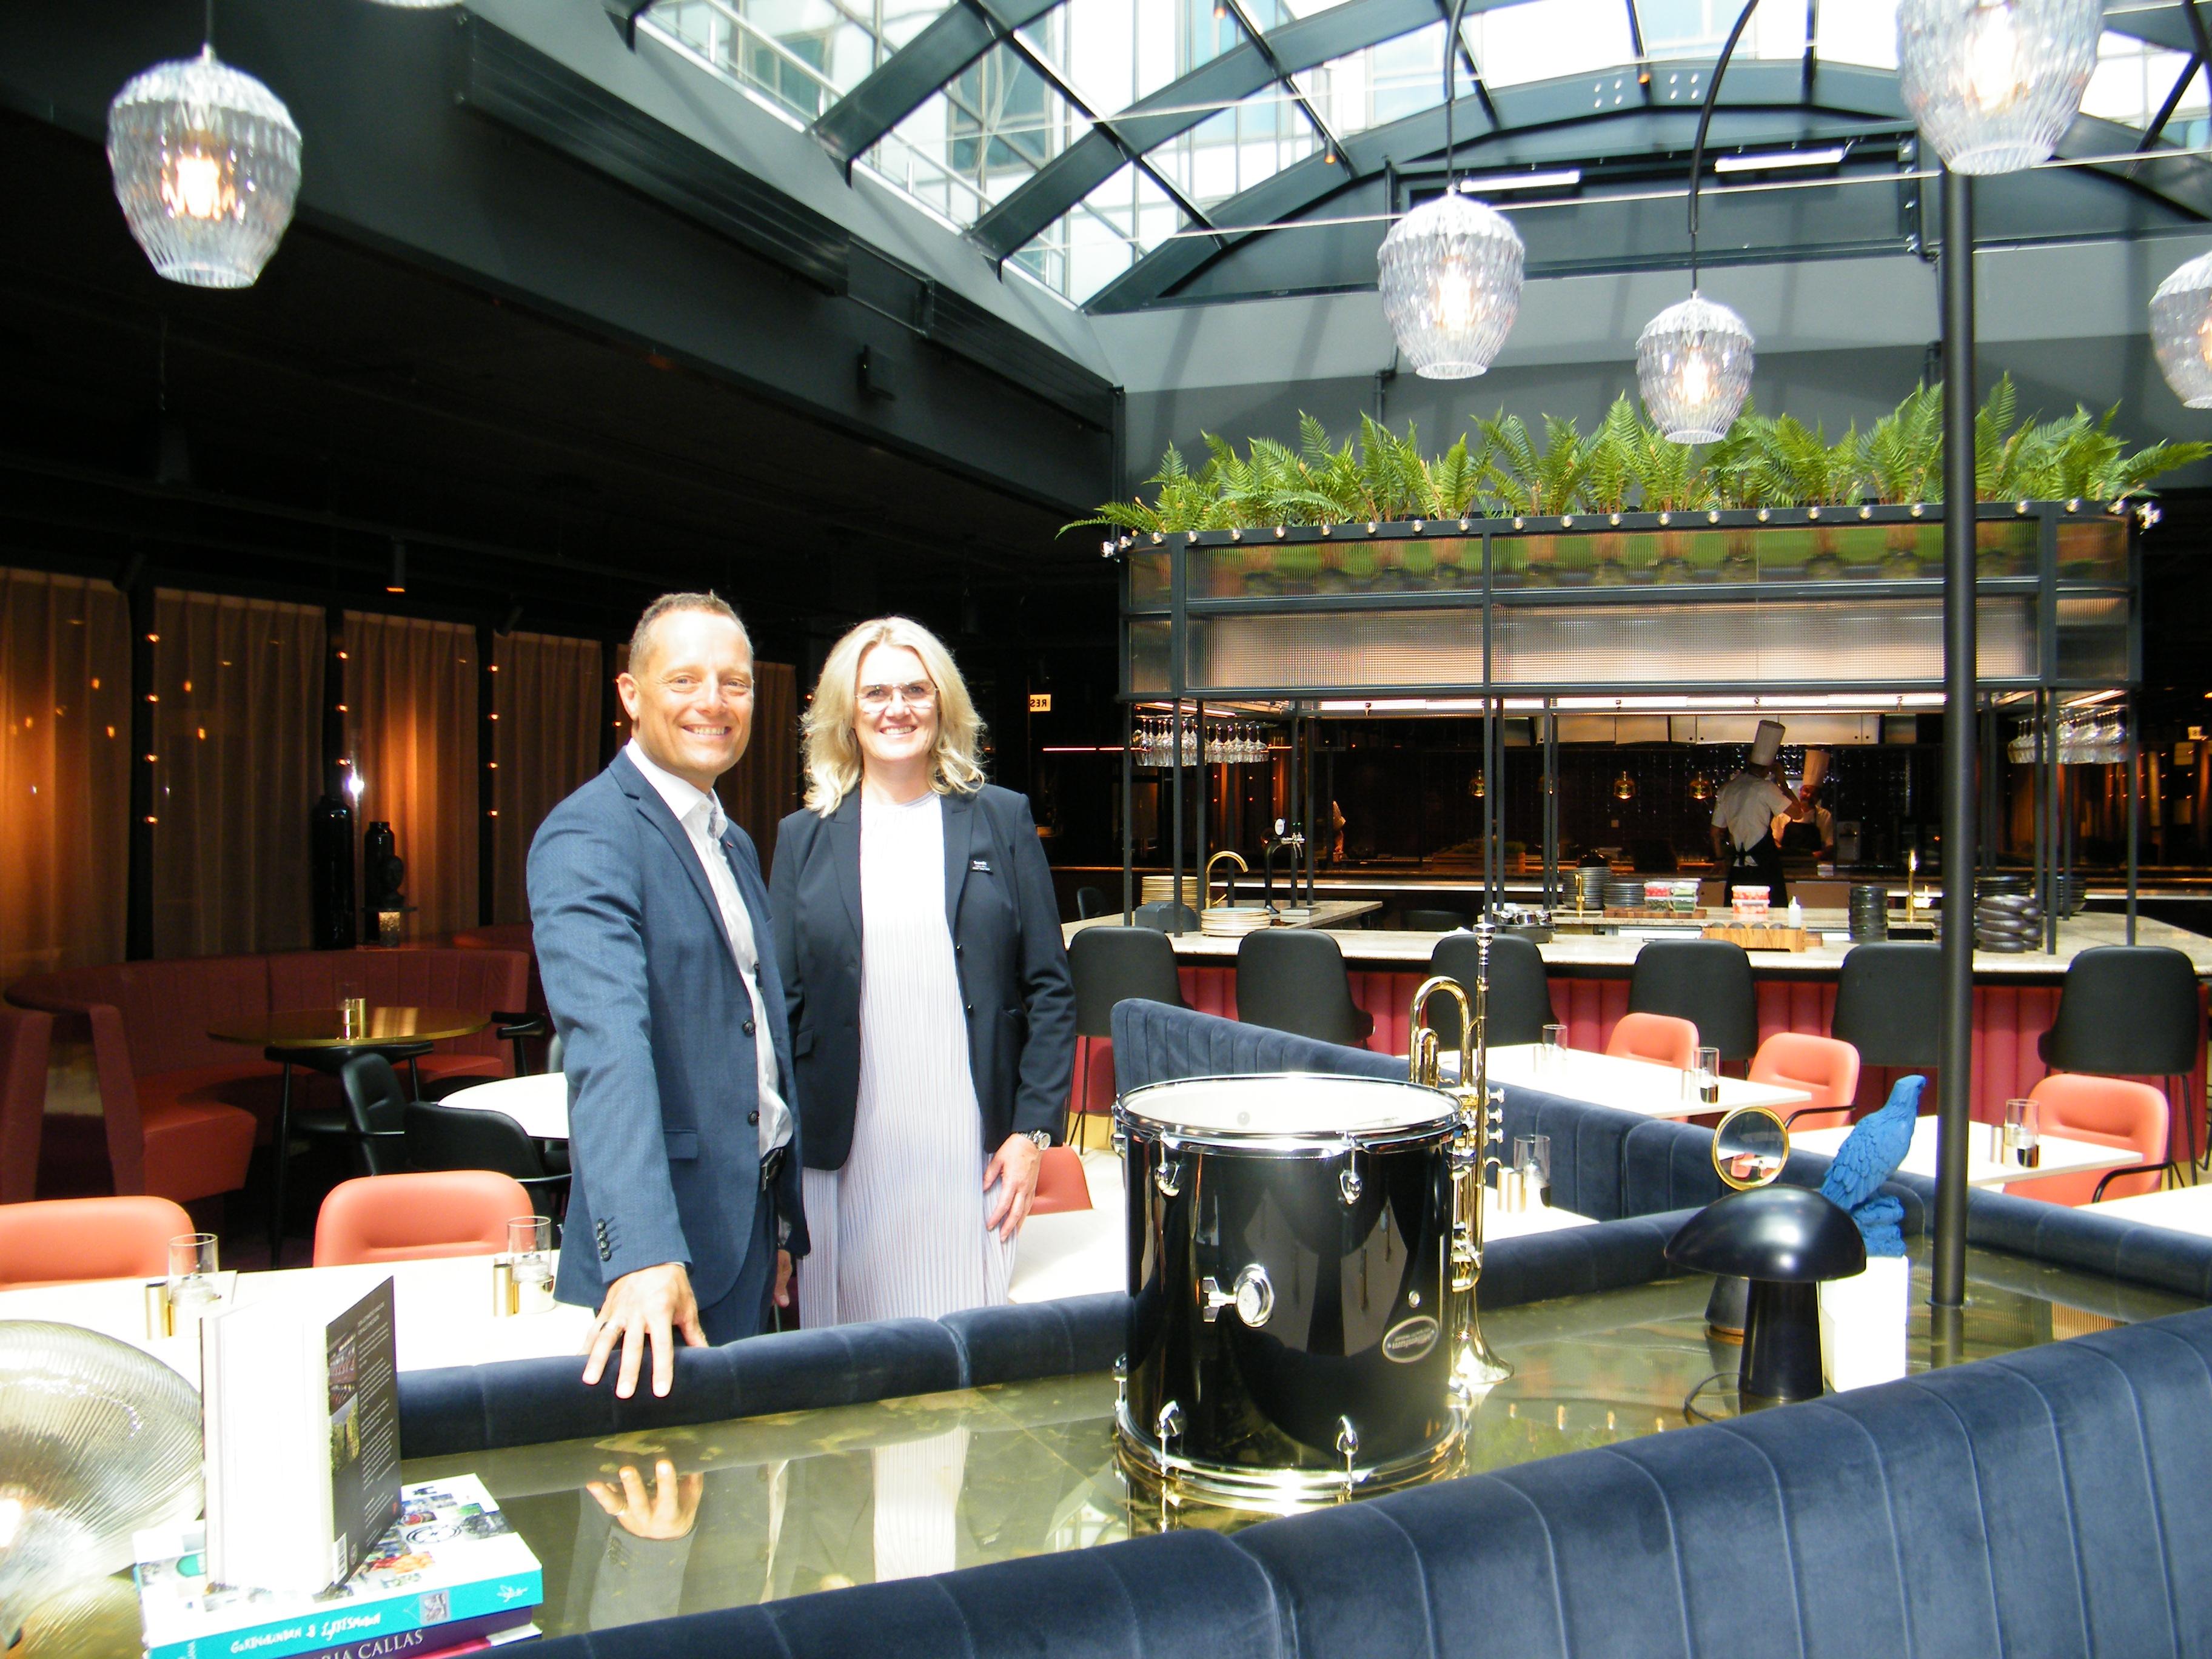 Scandics administrerende direktør i Danmark, Søren Faerber, med general manager for Scandic Falkoner, Malene Friis. Foto: Henrik Baumgarten.